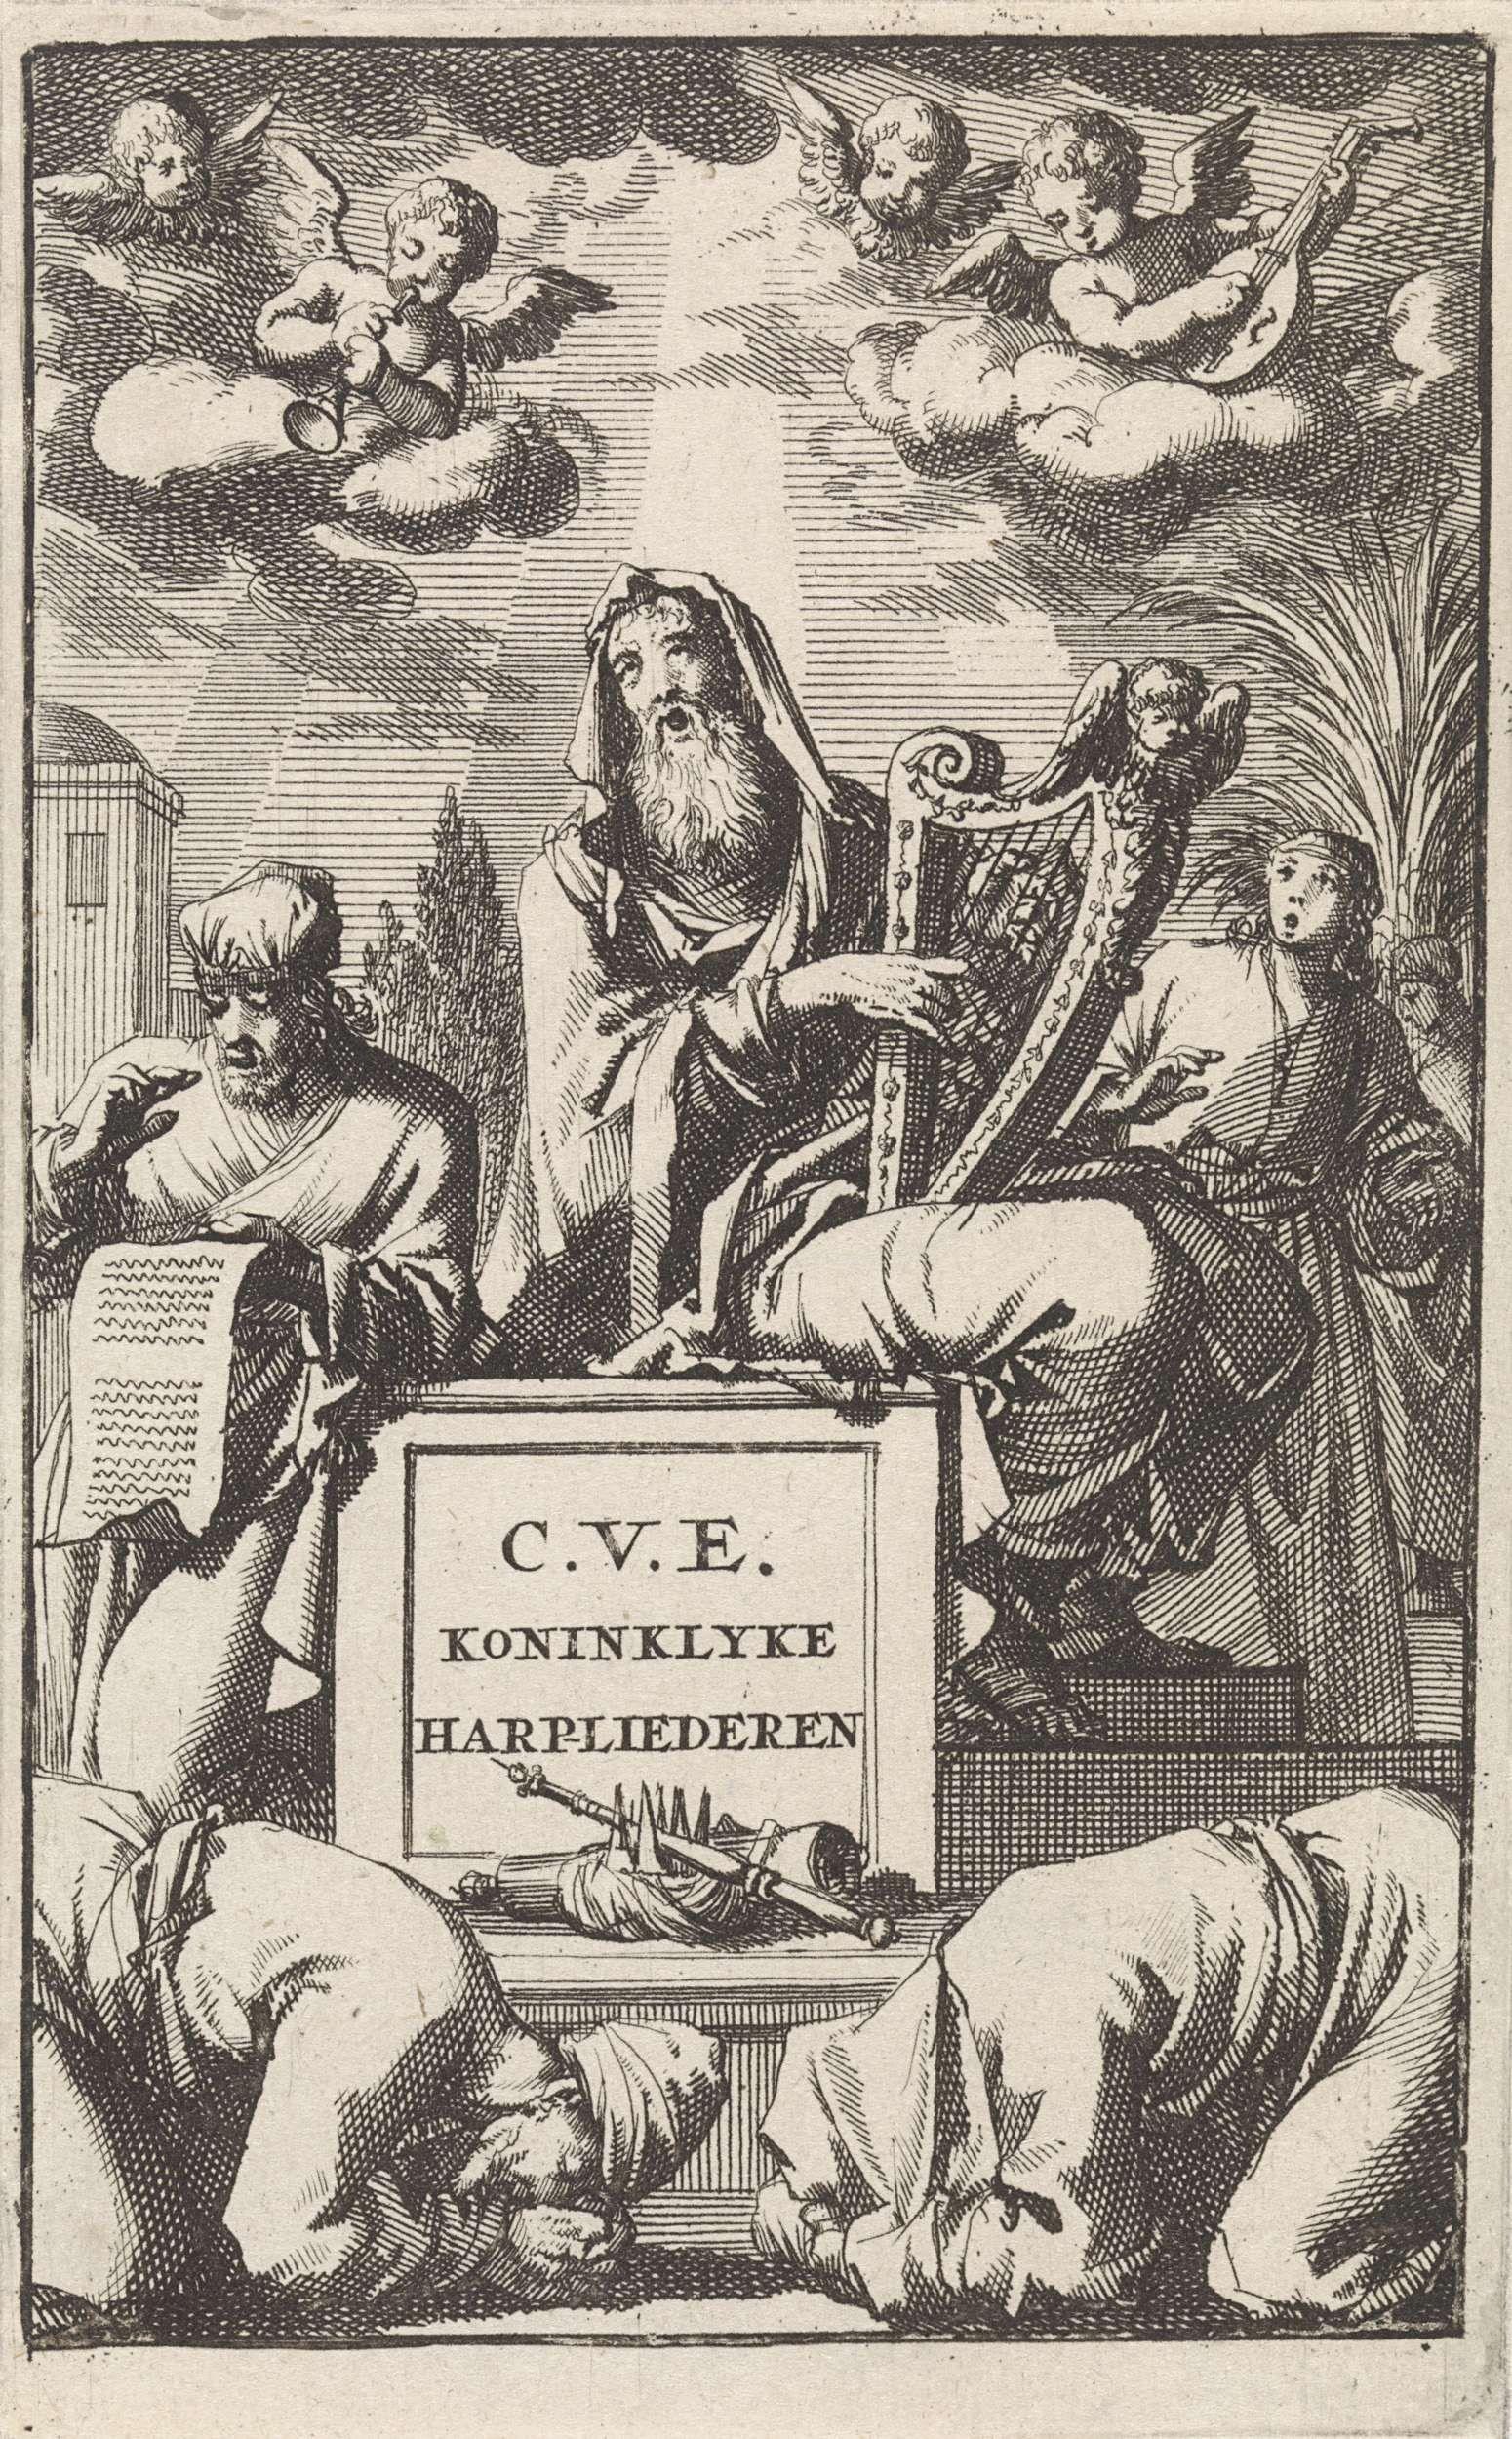 Jan Luyken   David speelt op zijn harp, Jan Luyken, Cornelis van Hogenhuysen, 1698   David speelt op zijn harp in het bijzijn van een jongeling en een priester. Voor hem op de grond liggen een kroon, boekrol en scepter. In de lucht twee cherubijnen en twee muziekmakende engelen. Op de voorgrond twee diepgebogen mannen.